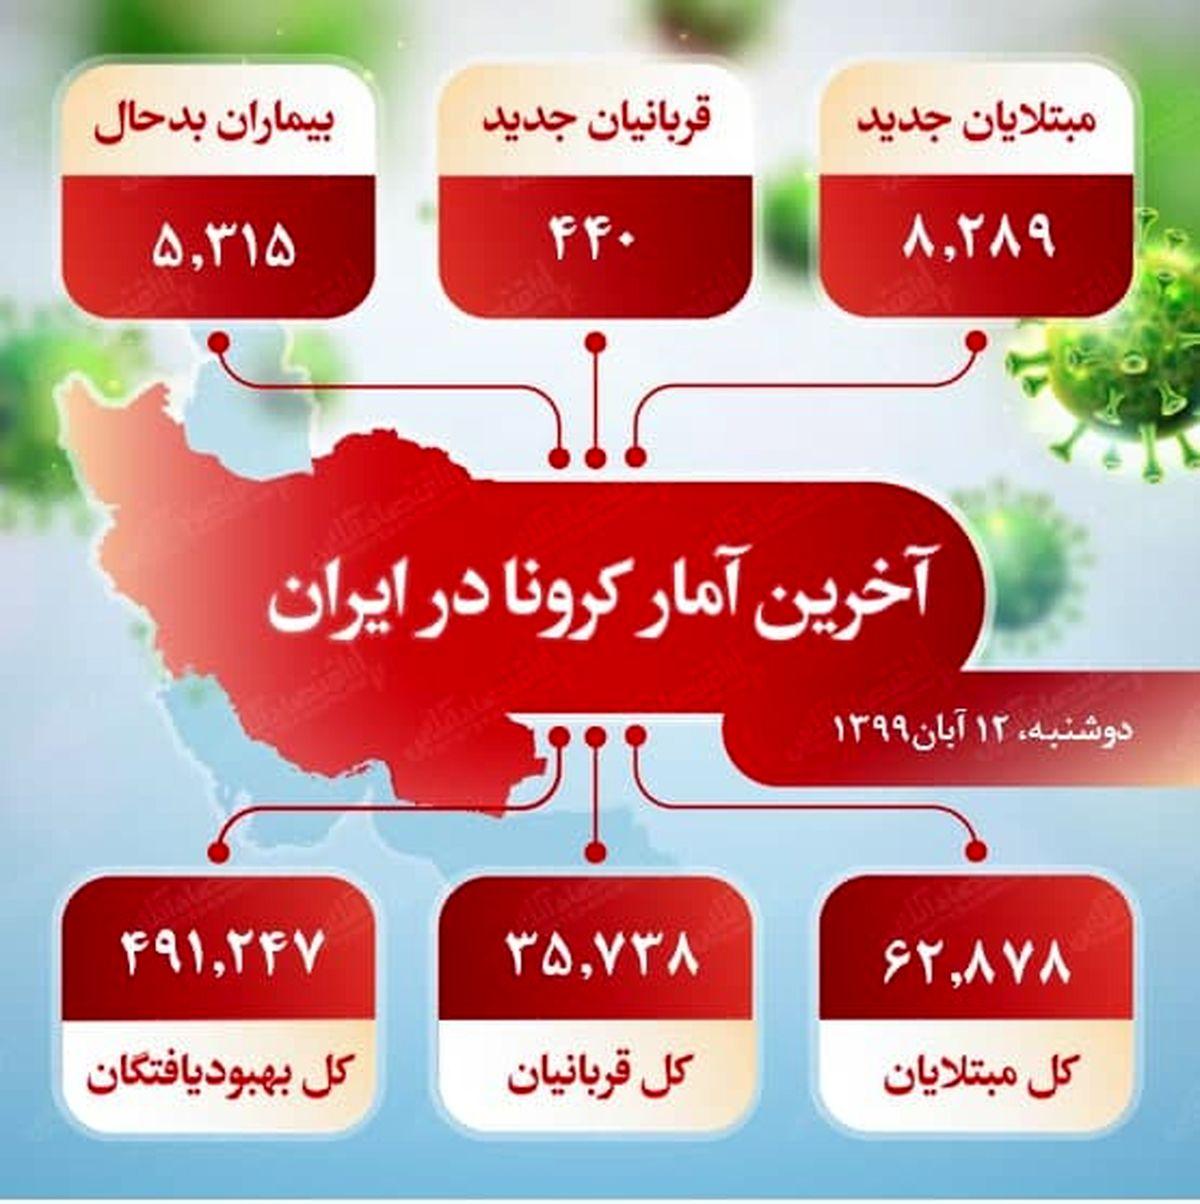 مرگ ۴۴۰ نفر دیگر بر اثر کرونا در ایران!